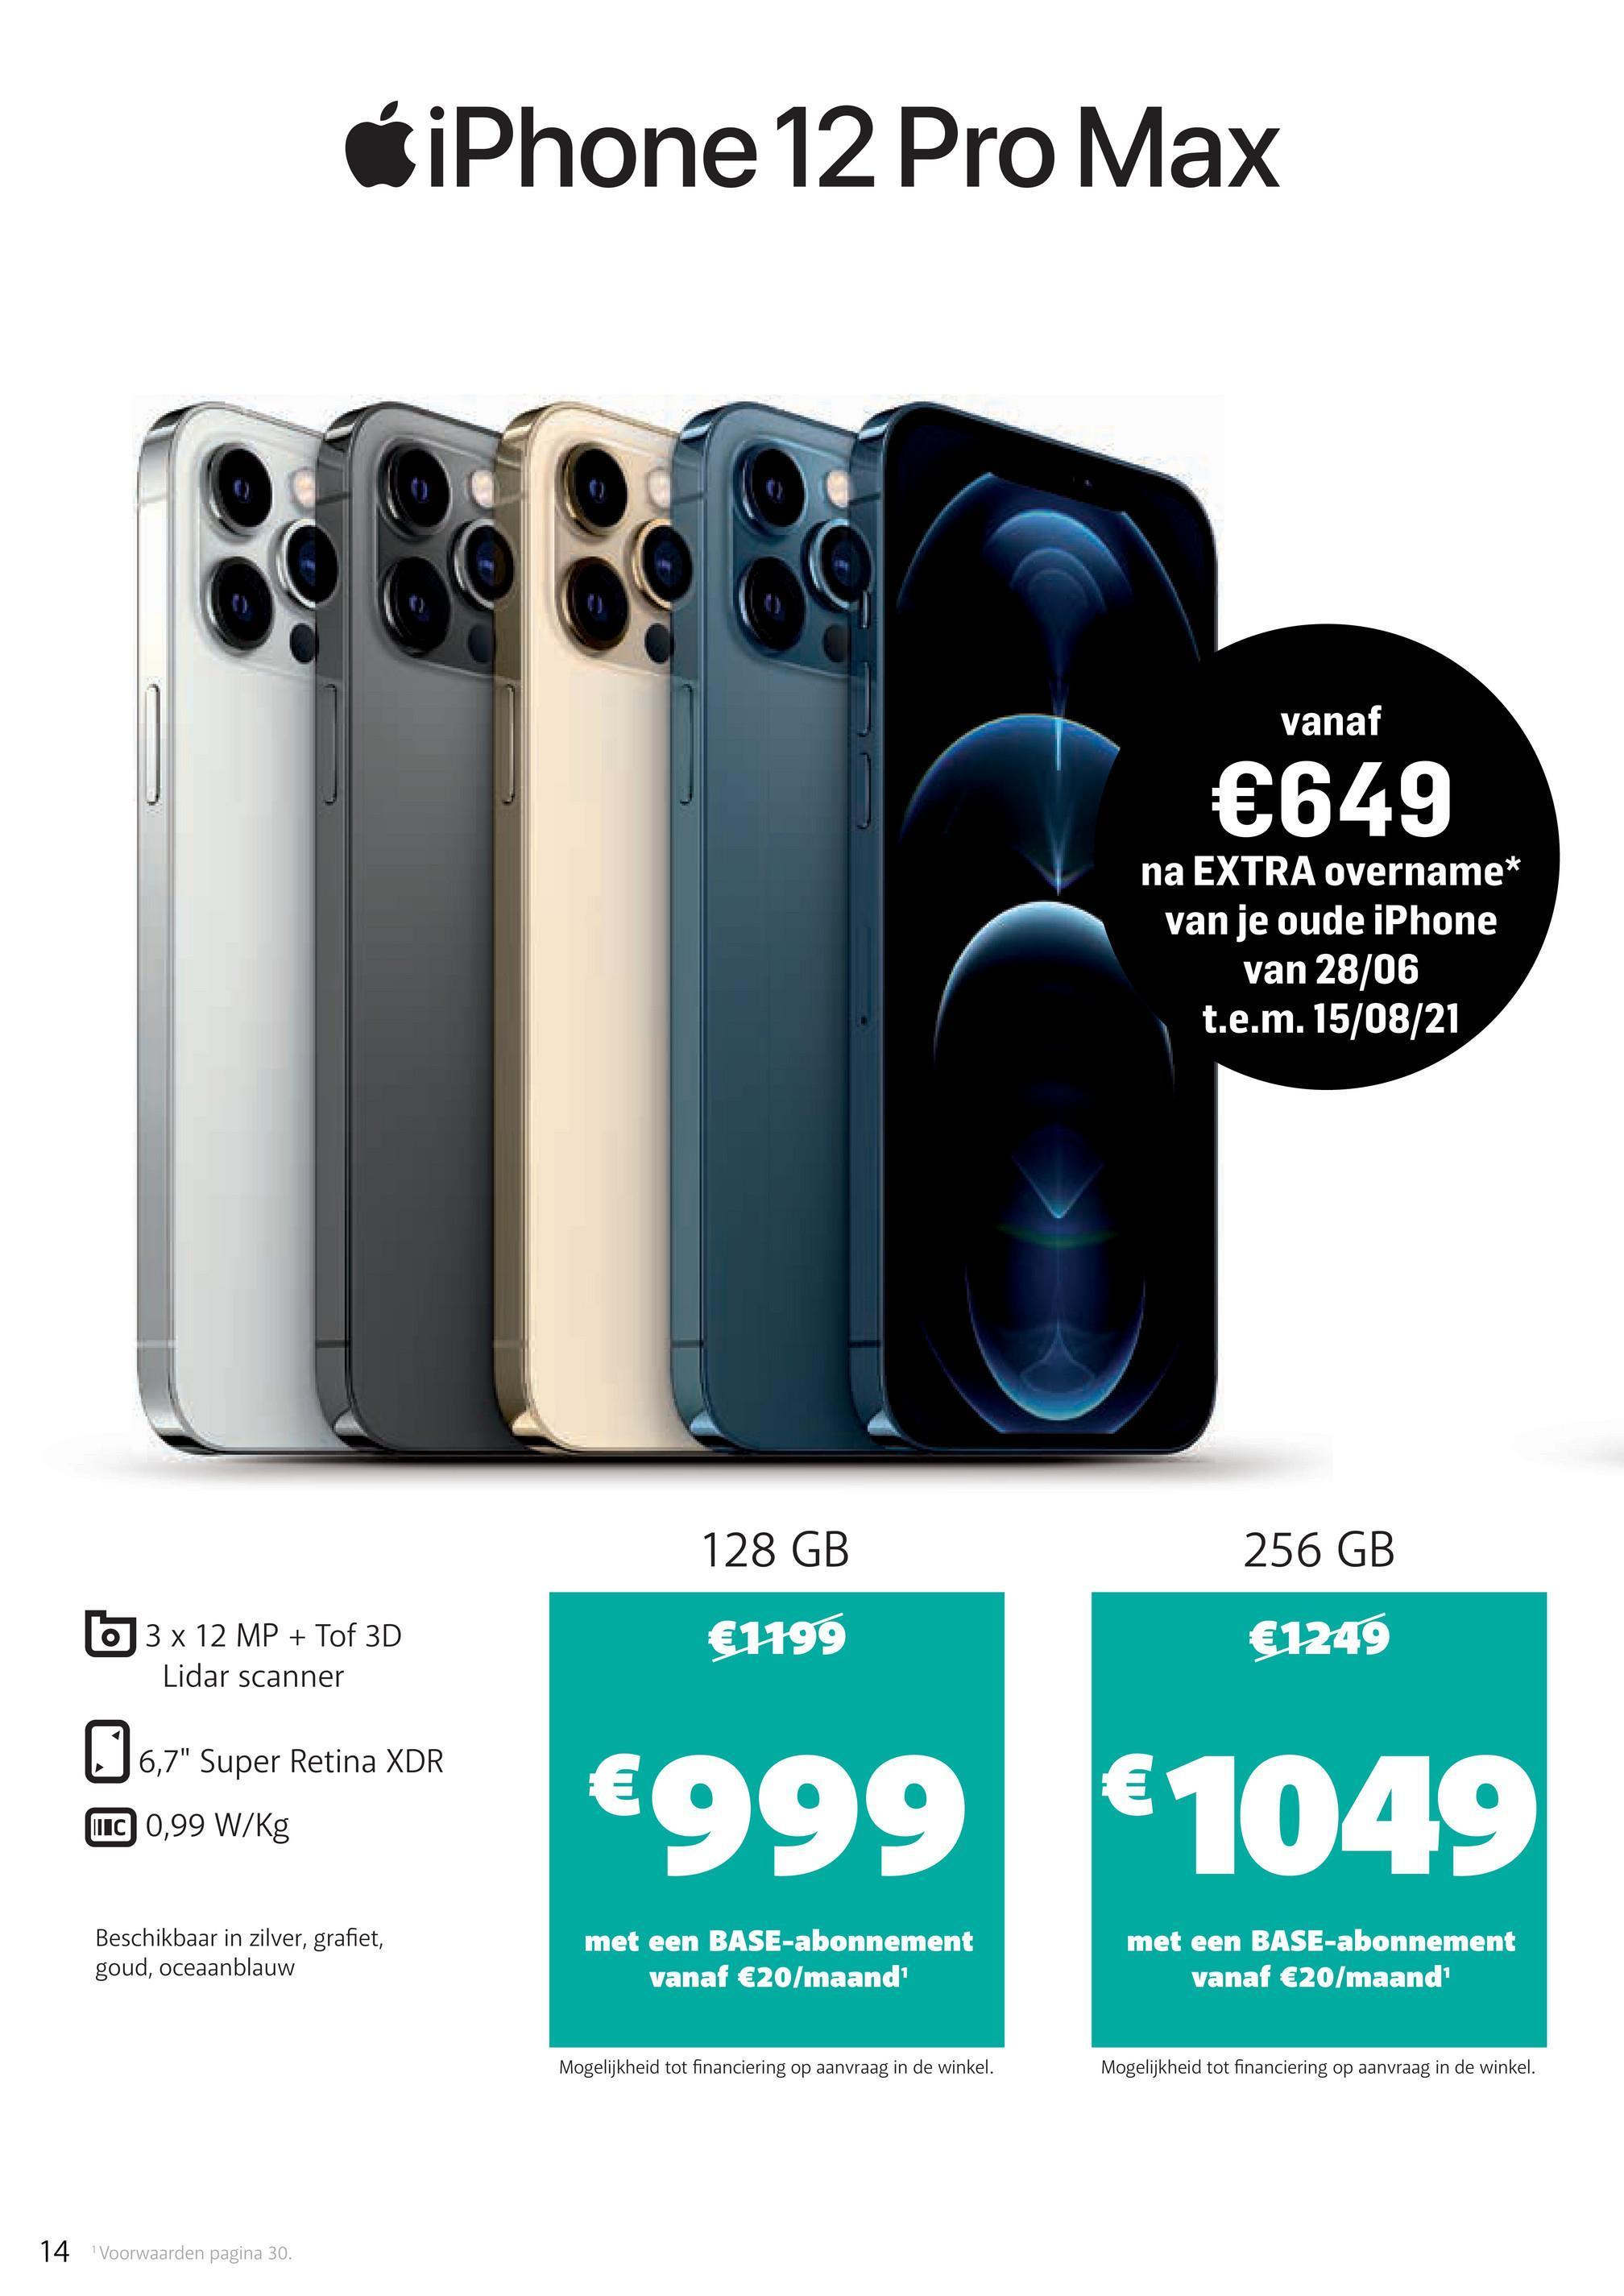 """iPhone 12 Pro Max BOBO vanaf €649 na EXTRA overname* van je oude iPhone van 28/06 t.e.m. 15/08/21 128 GB 256 GB 3 x 12 MP + Tof 3D Lidar scanner €1199 €1249 6,7"""" Super Retina XDR UIC 0,99 W/kg €999 €1049 Beschikbaar in zilver, grafiet, goud, oceaanblauw met een BASE-abonnement vanaf €20/maand met een BASE-abonnement vanaf €20/maand Mogelijkheid tot financiering op aanvraag in de winkel. Mogelijkheid tot financiering op aanvraag in de winkel. 14 Voorwaarden pagina 30."""